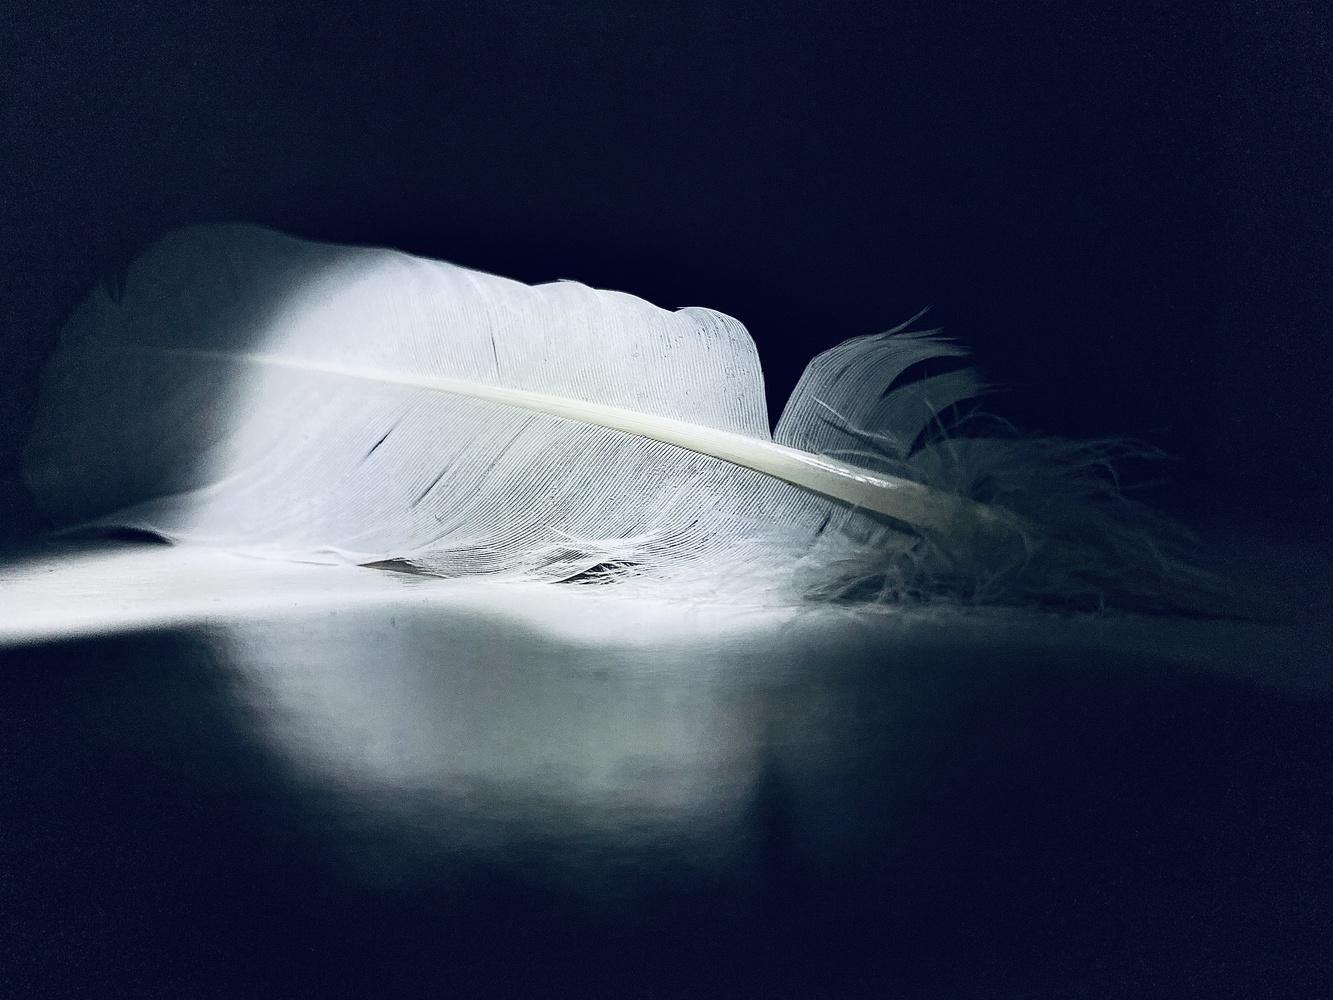 Angel feathers by Edrin Spahiu